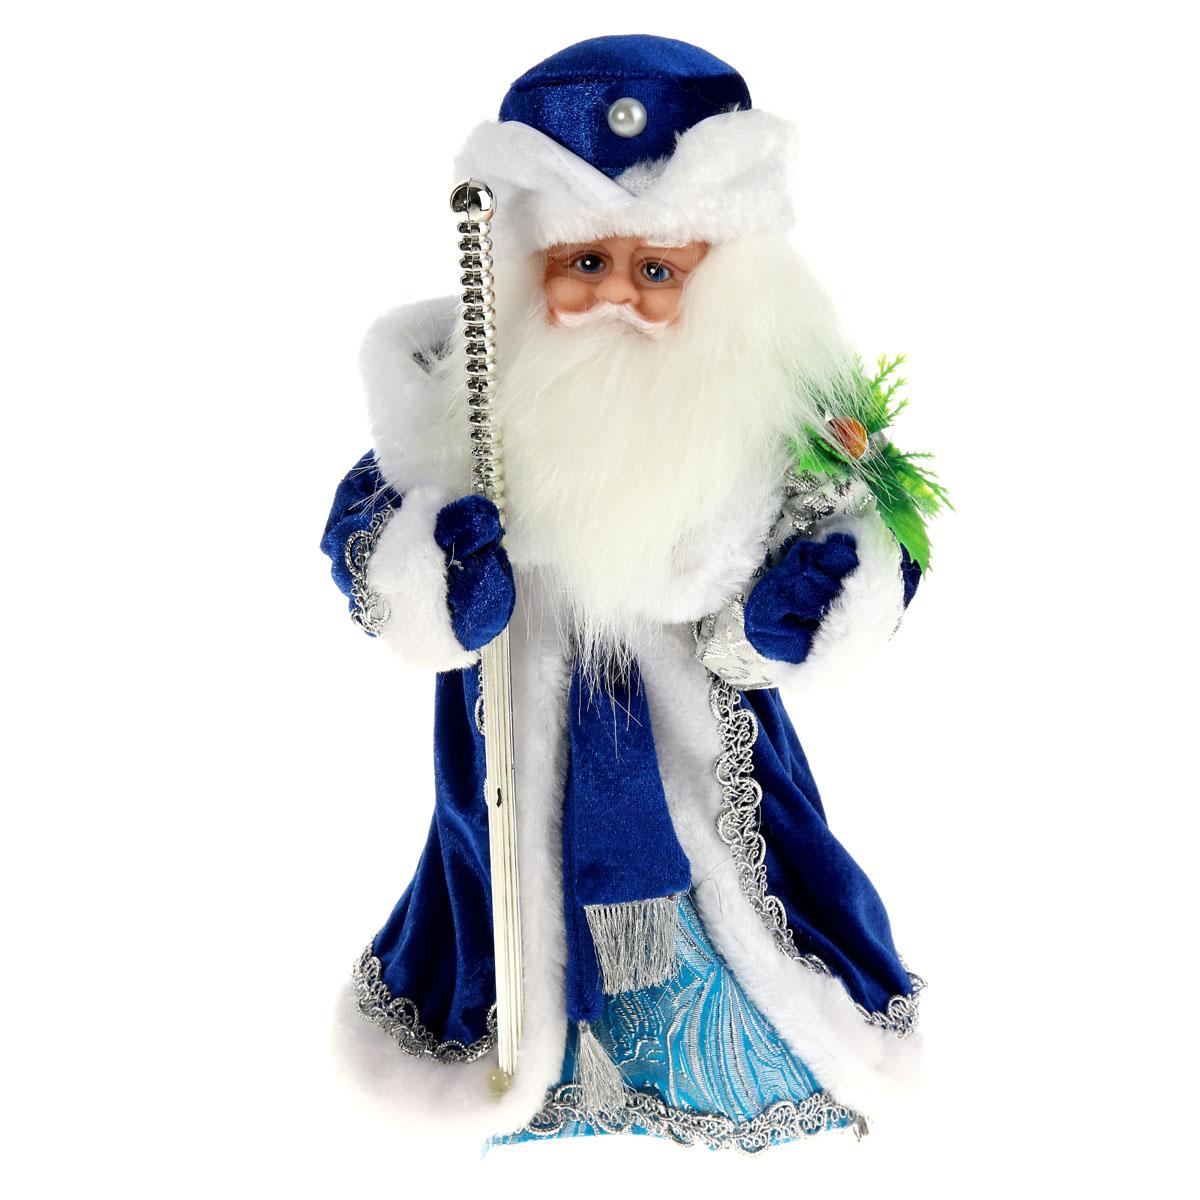 Новогодняя декоративная фигурка Sima-land Дед Мороз, анимированная, высота 28 см. 827839827839Новогодняя декоративная фигурка Деда Мороза выполнена из высококачественного пластика. Дед Мороз одет в шубу с опушкой, украшенную тесьмой и варежки. На голове - шапка в цвет шубы. В одной руке Дед Мороз держит посох, а в другой мешок - с подарками. Игрушка стоит на пластиковой подставке. Особенностью фигурки является наличие механизма, при включении которого играет мелодия, а голова и руки куклы начинают двигаться. Его добрый вид и очаровательная улыбка притягивают к себе восторженные взгляды. Декоративная фигурка Дед Мороз подойдет для оформления новогоднего интерьера и принесет с собой атмосферу радости и веселья. УВАЖАЕМЫЕ КЛИЕНТЫ!Обращаем ваше внимание на тот факт, что декоративная фигурка работает от трех батареек типа АА напряжением 1,5 В. Батарейки в комплект не входят.